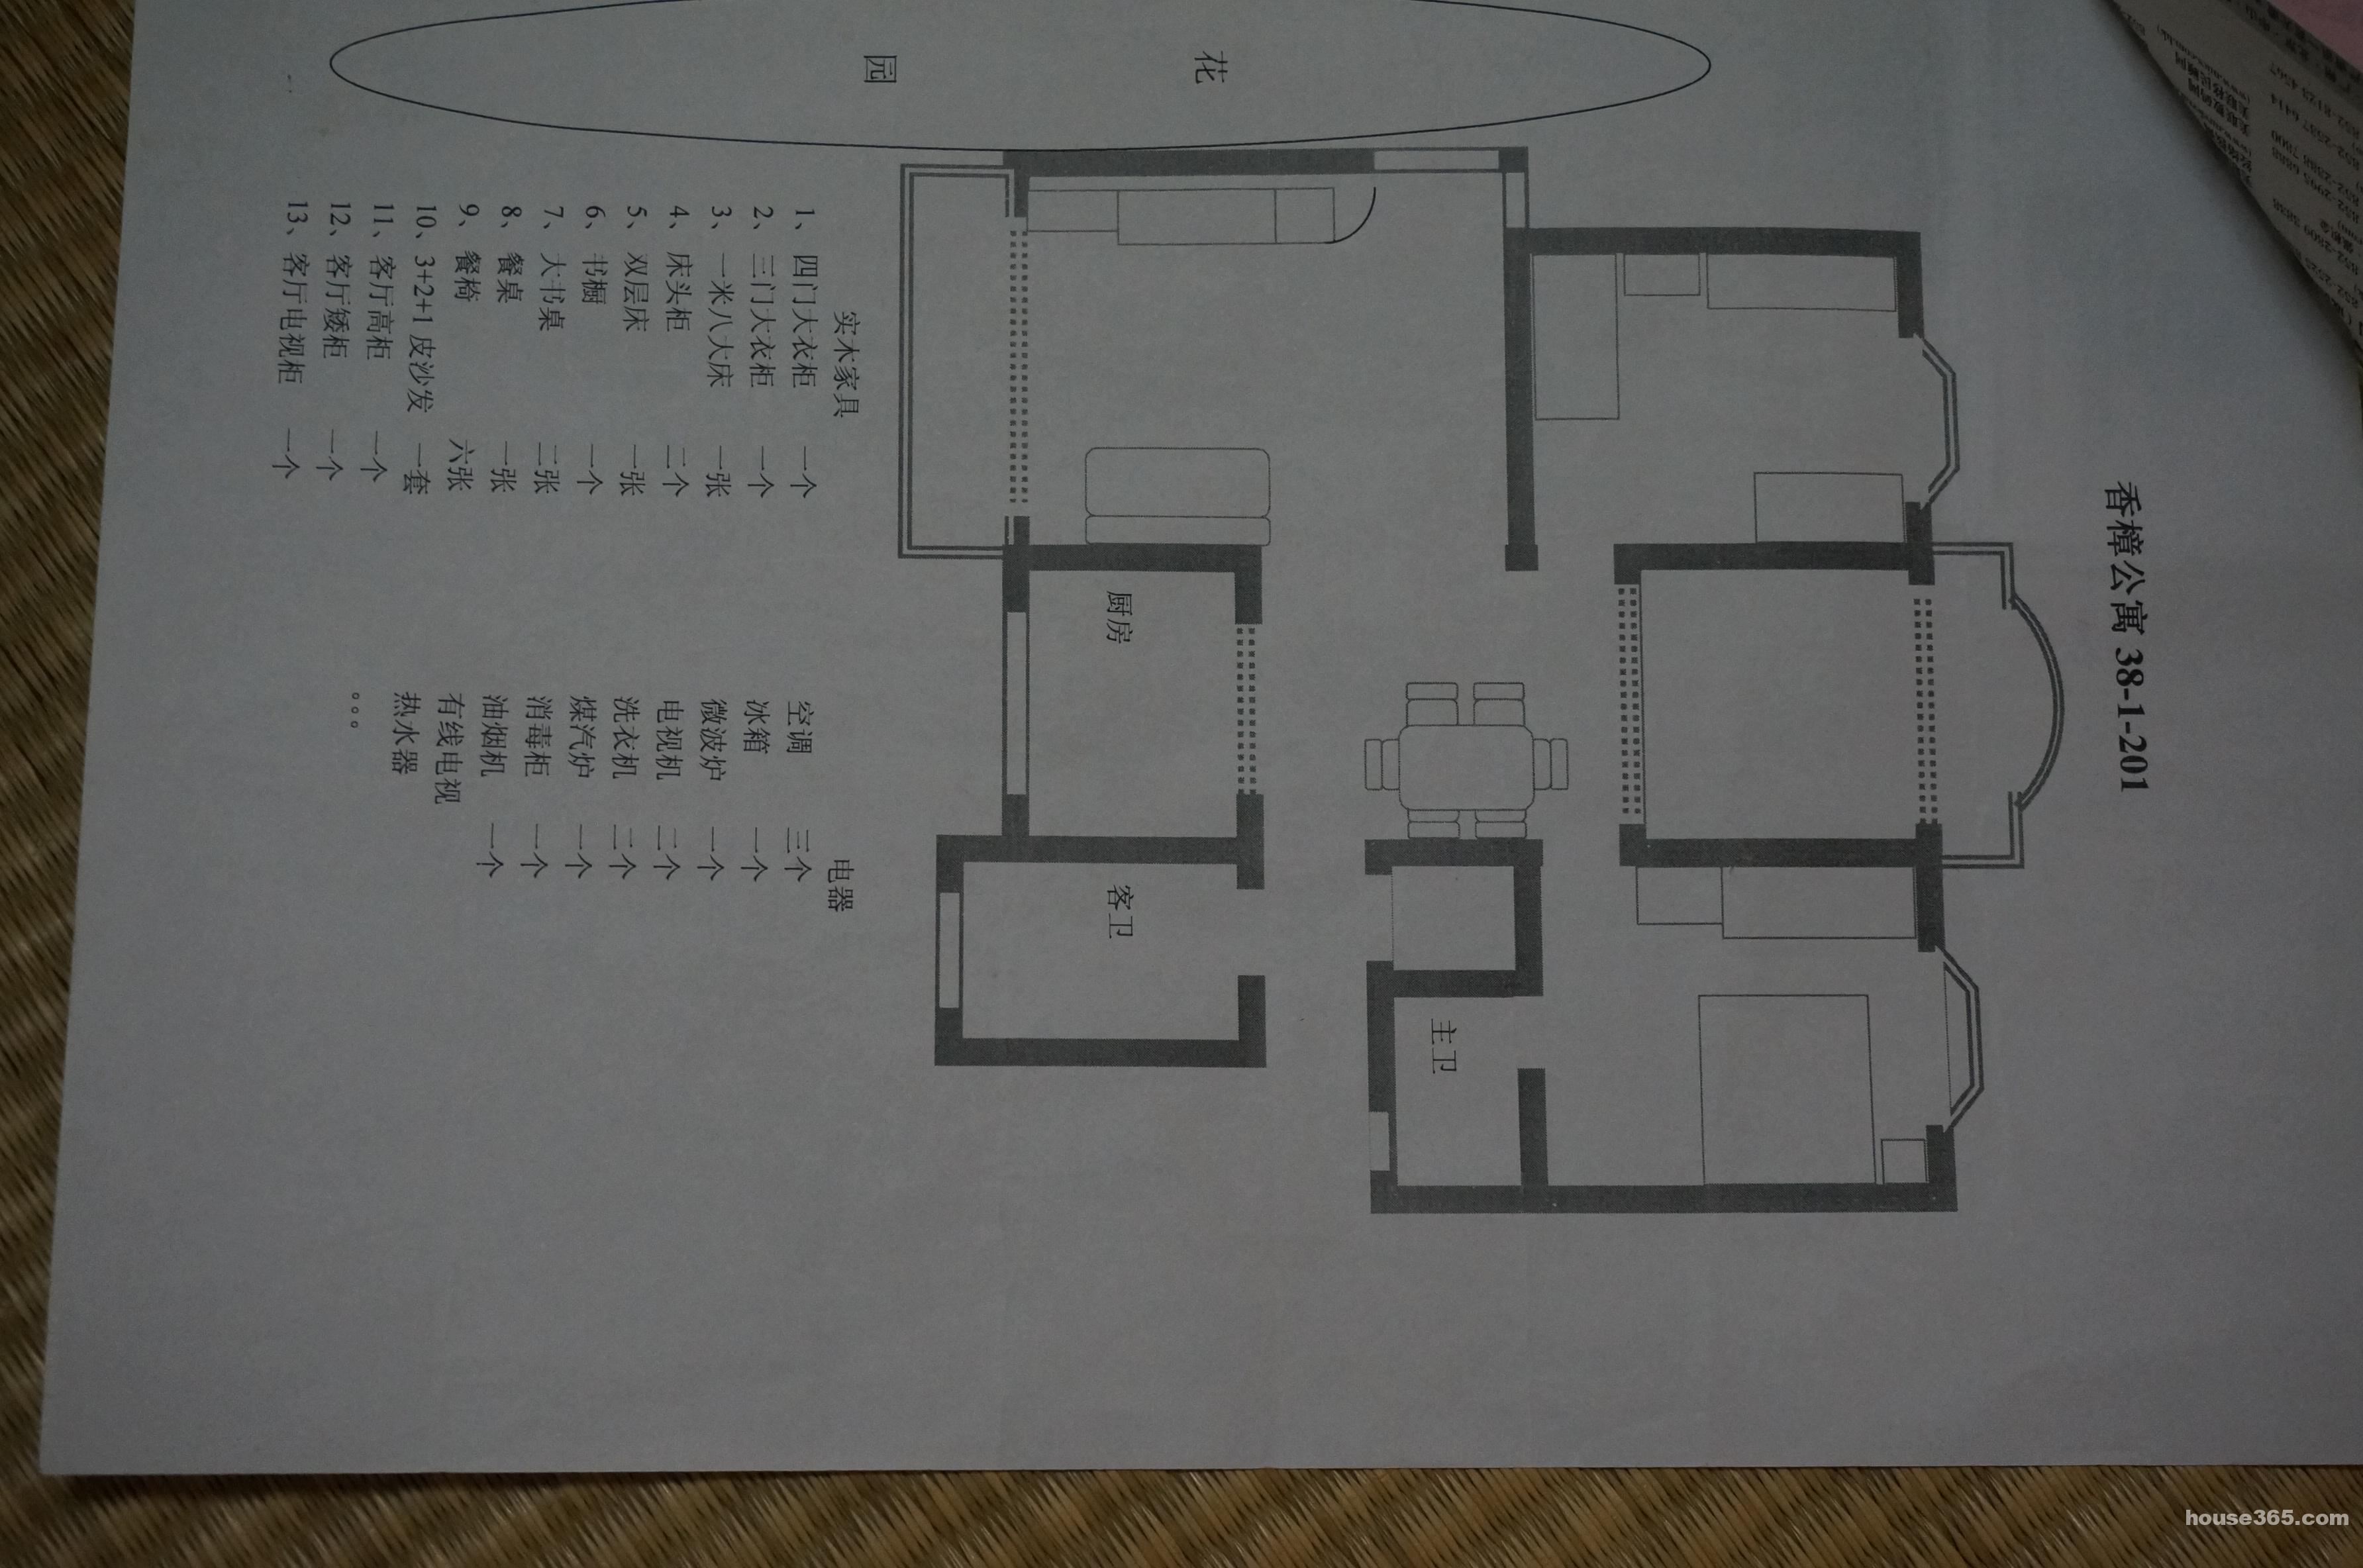 杭州房屋出租信息 西湖区租房 文新租房 香樟公寓  prev next 分享到